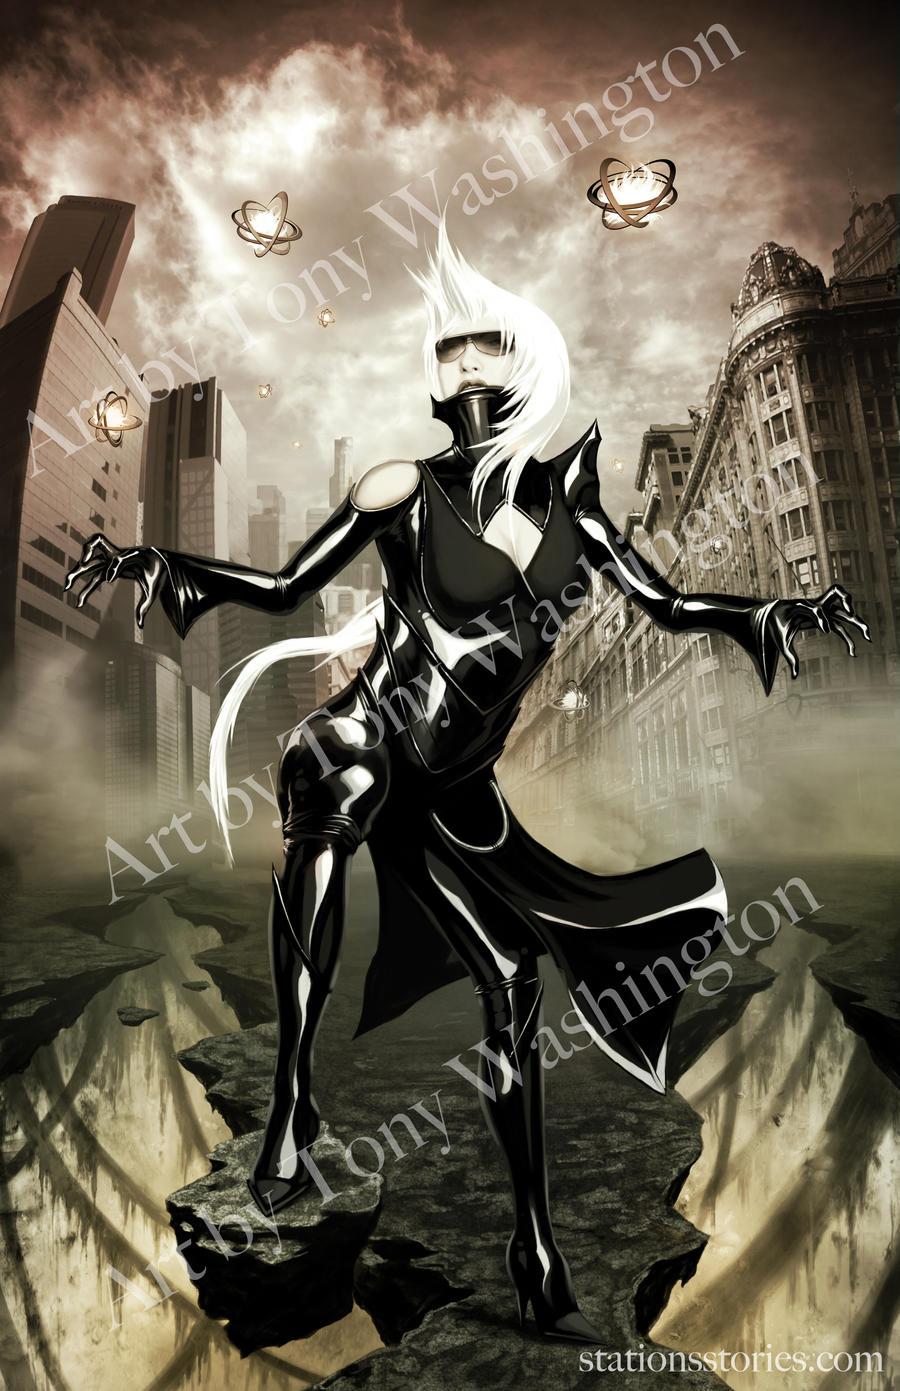 Lady Gaga 2 of 2 by Tonywash